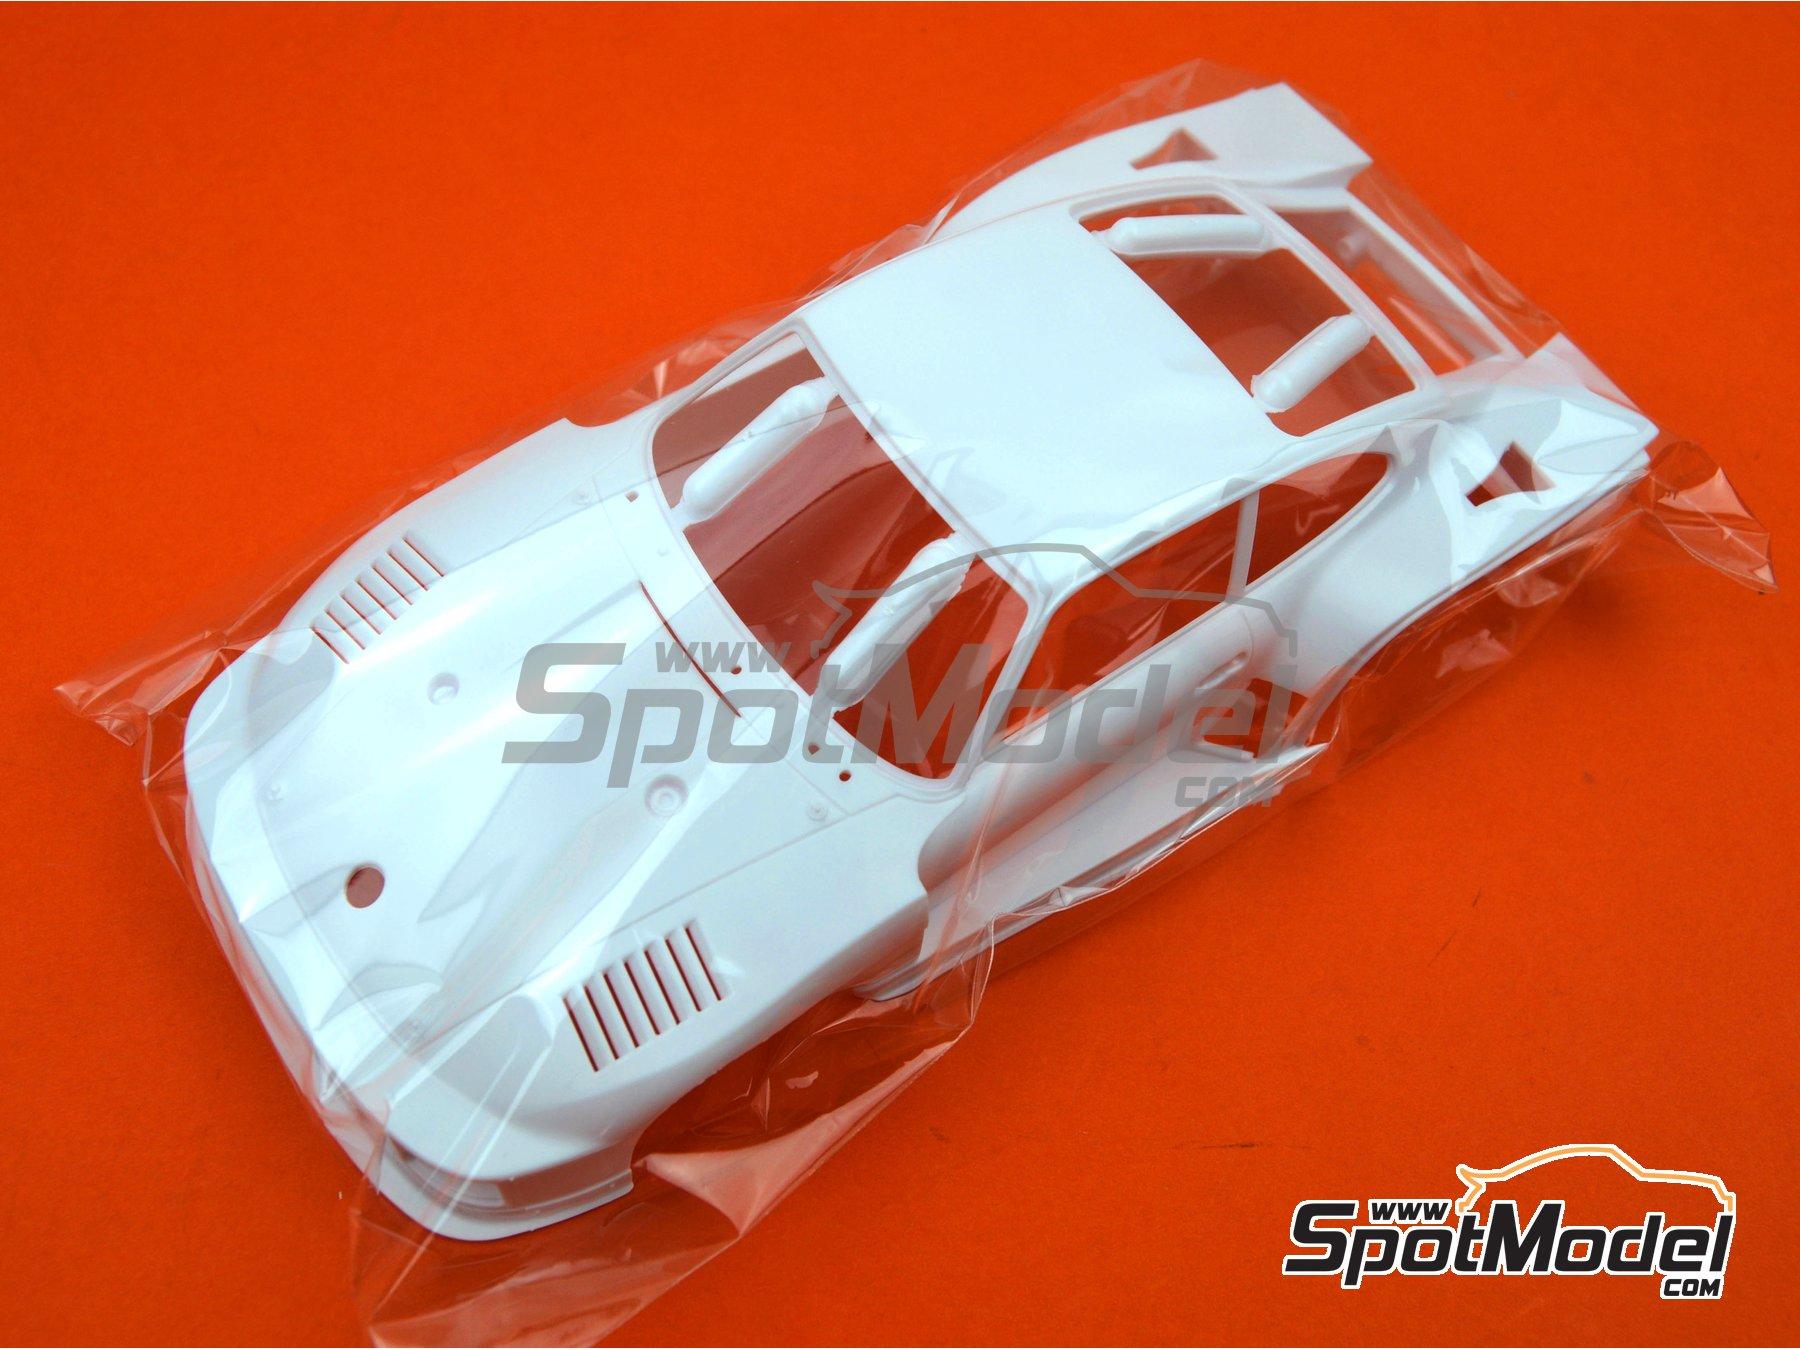 Image 17: Porsche 935 K2 Kremer Vaillant - Campeonato Alemán de Automovilismo - Deutsche Rennsport Meisterschaft DRM 1977 | Maqueta de coche en escala1/24 fabricado por Beemax Model Kits (ref.B24015, tambien 105108, aos10510 y 4905083105108)